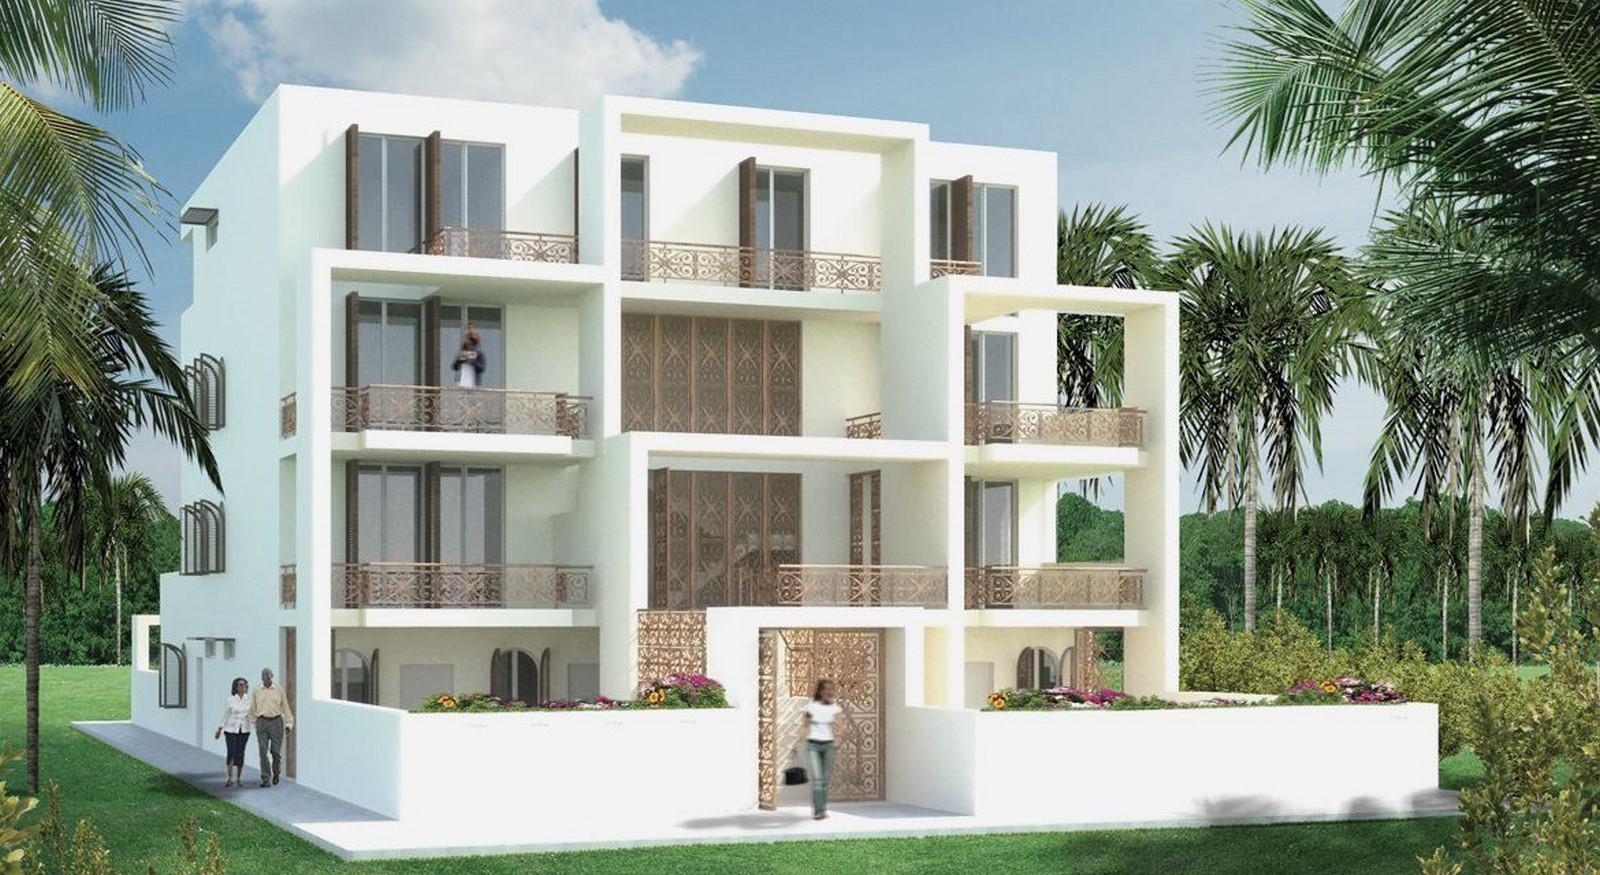 Belle Rive Residential Resort - Sheet2